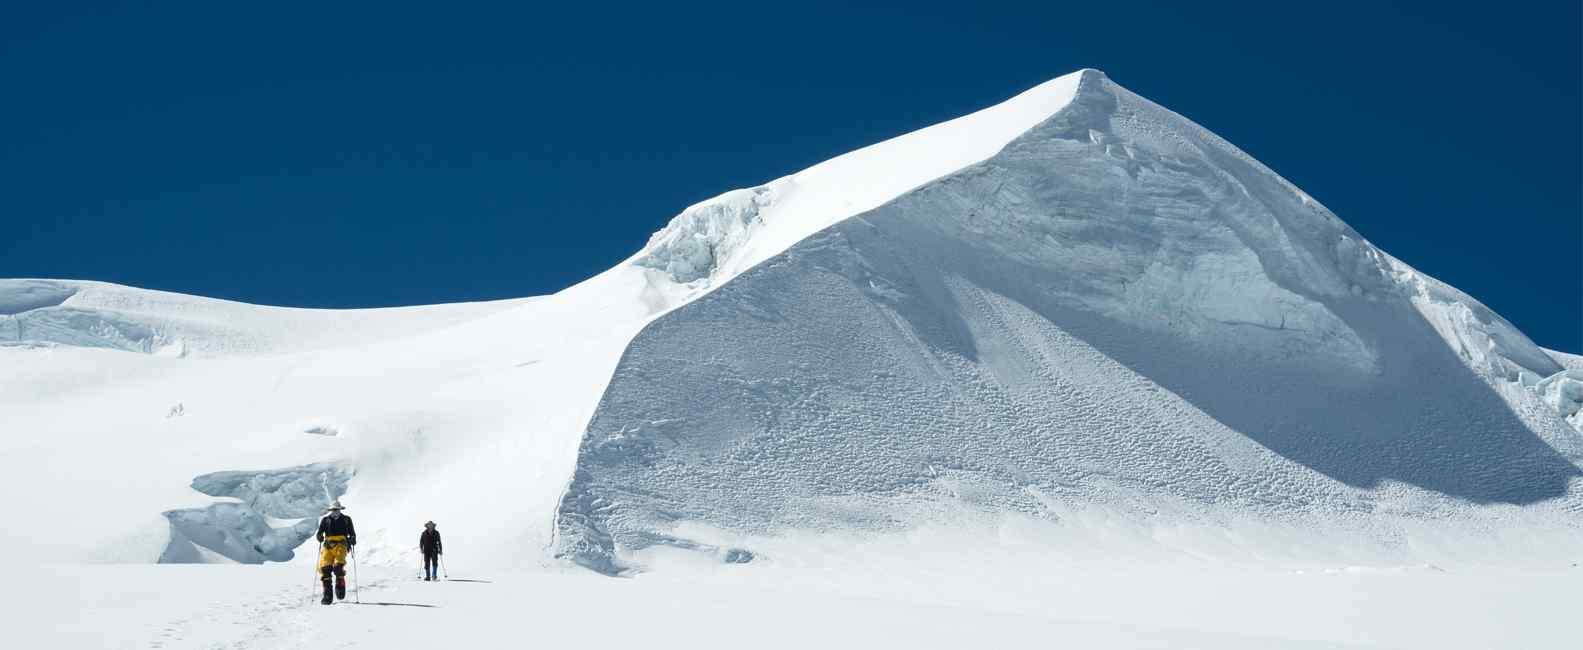 Mera Peak Climbing In Nepal